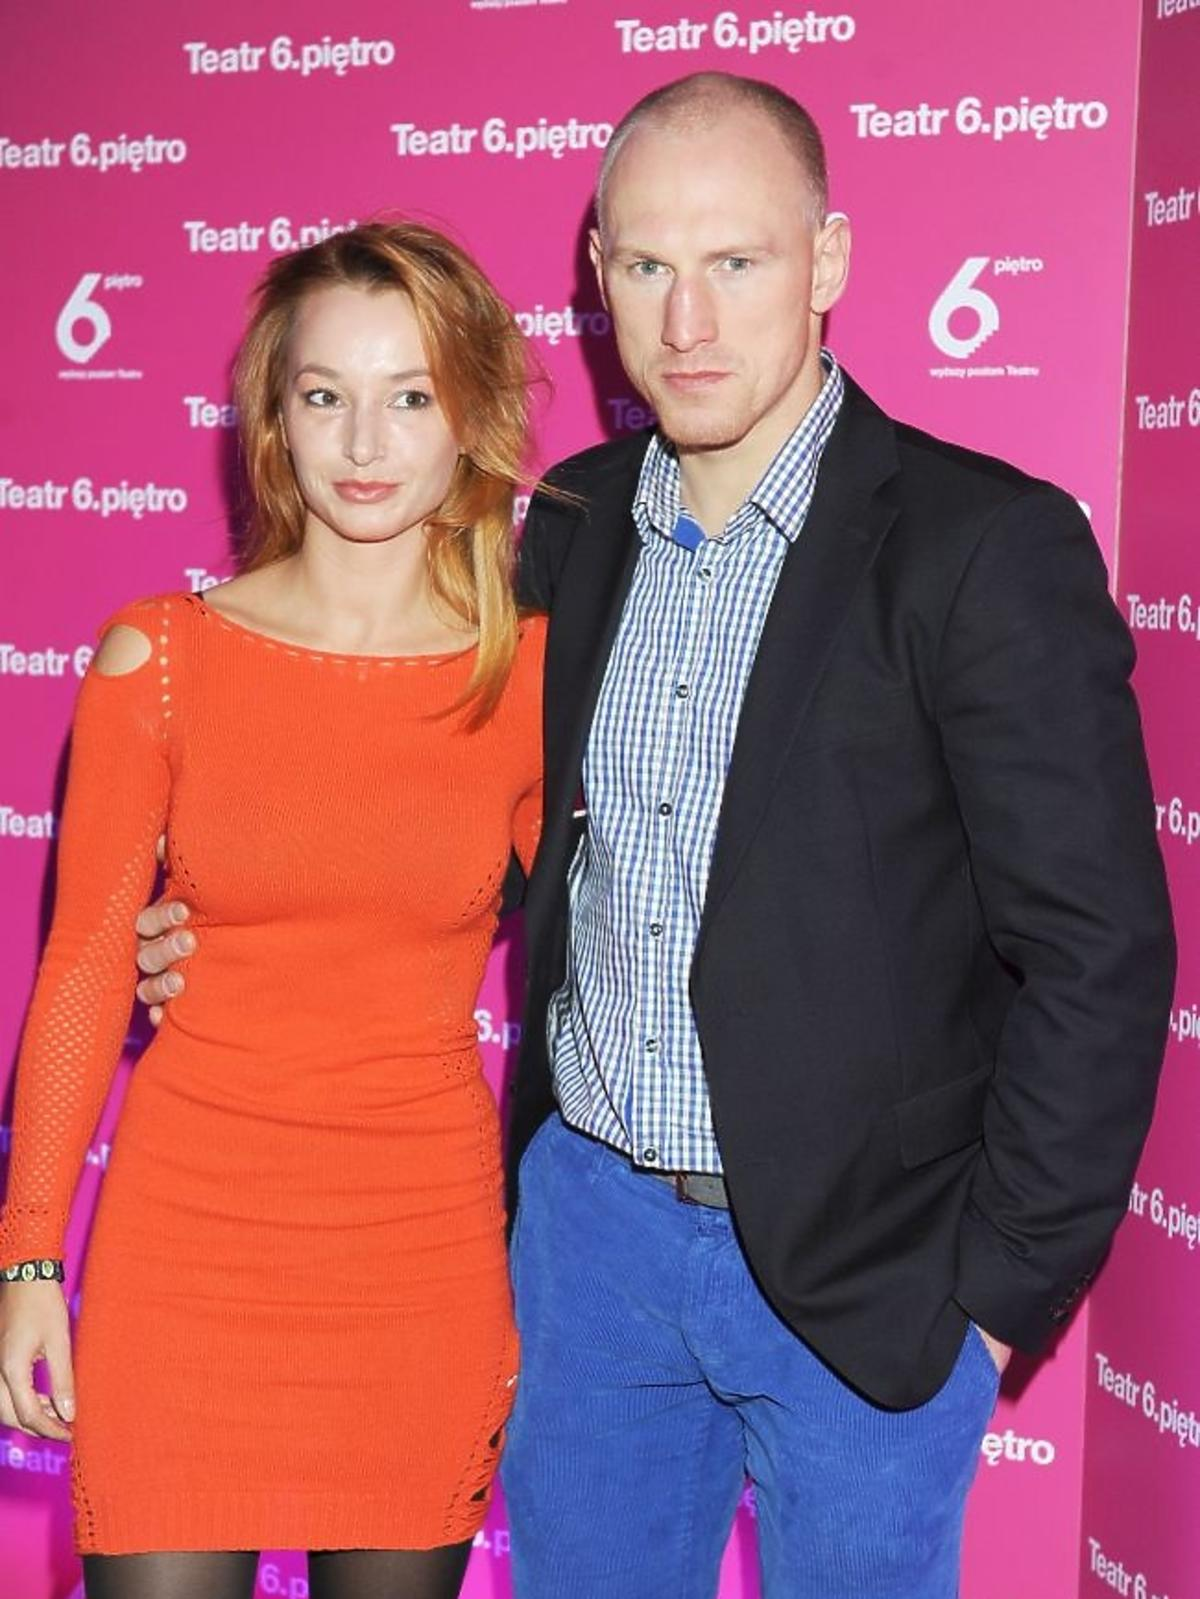 Krzysztof Włodarczyk z żoną na premierze sztuki